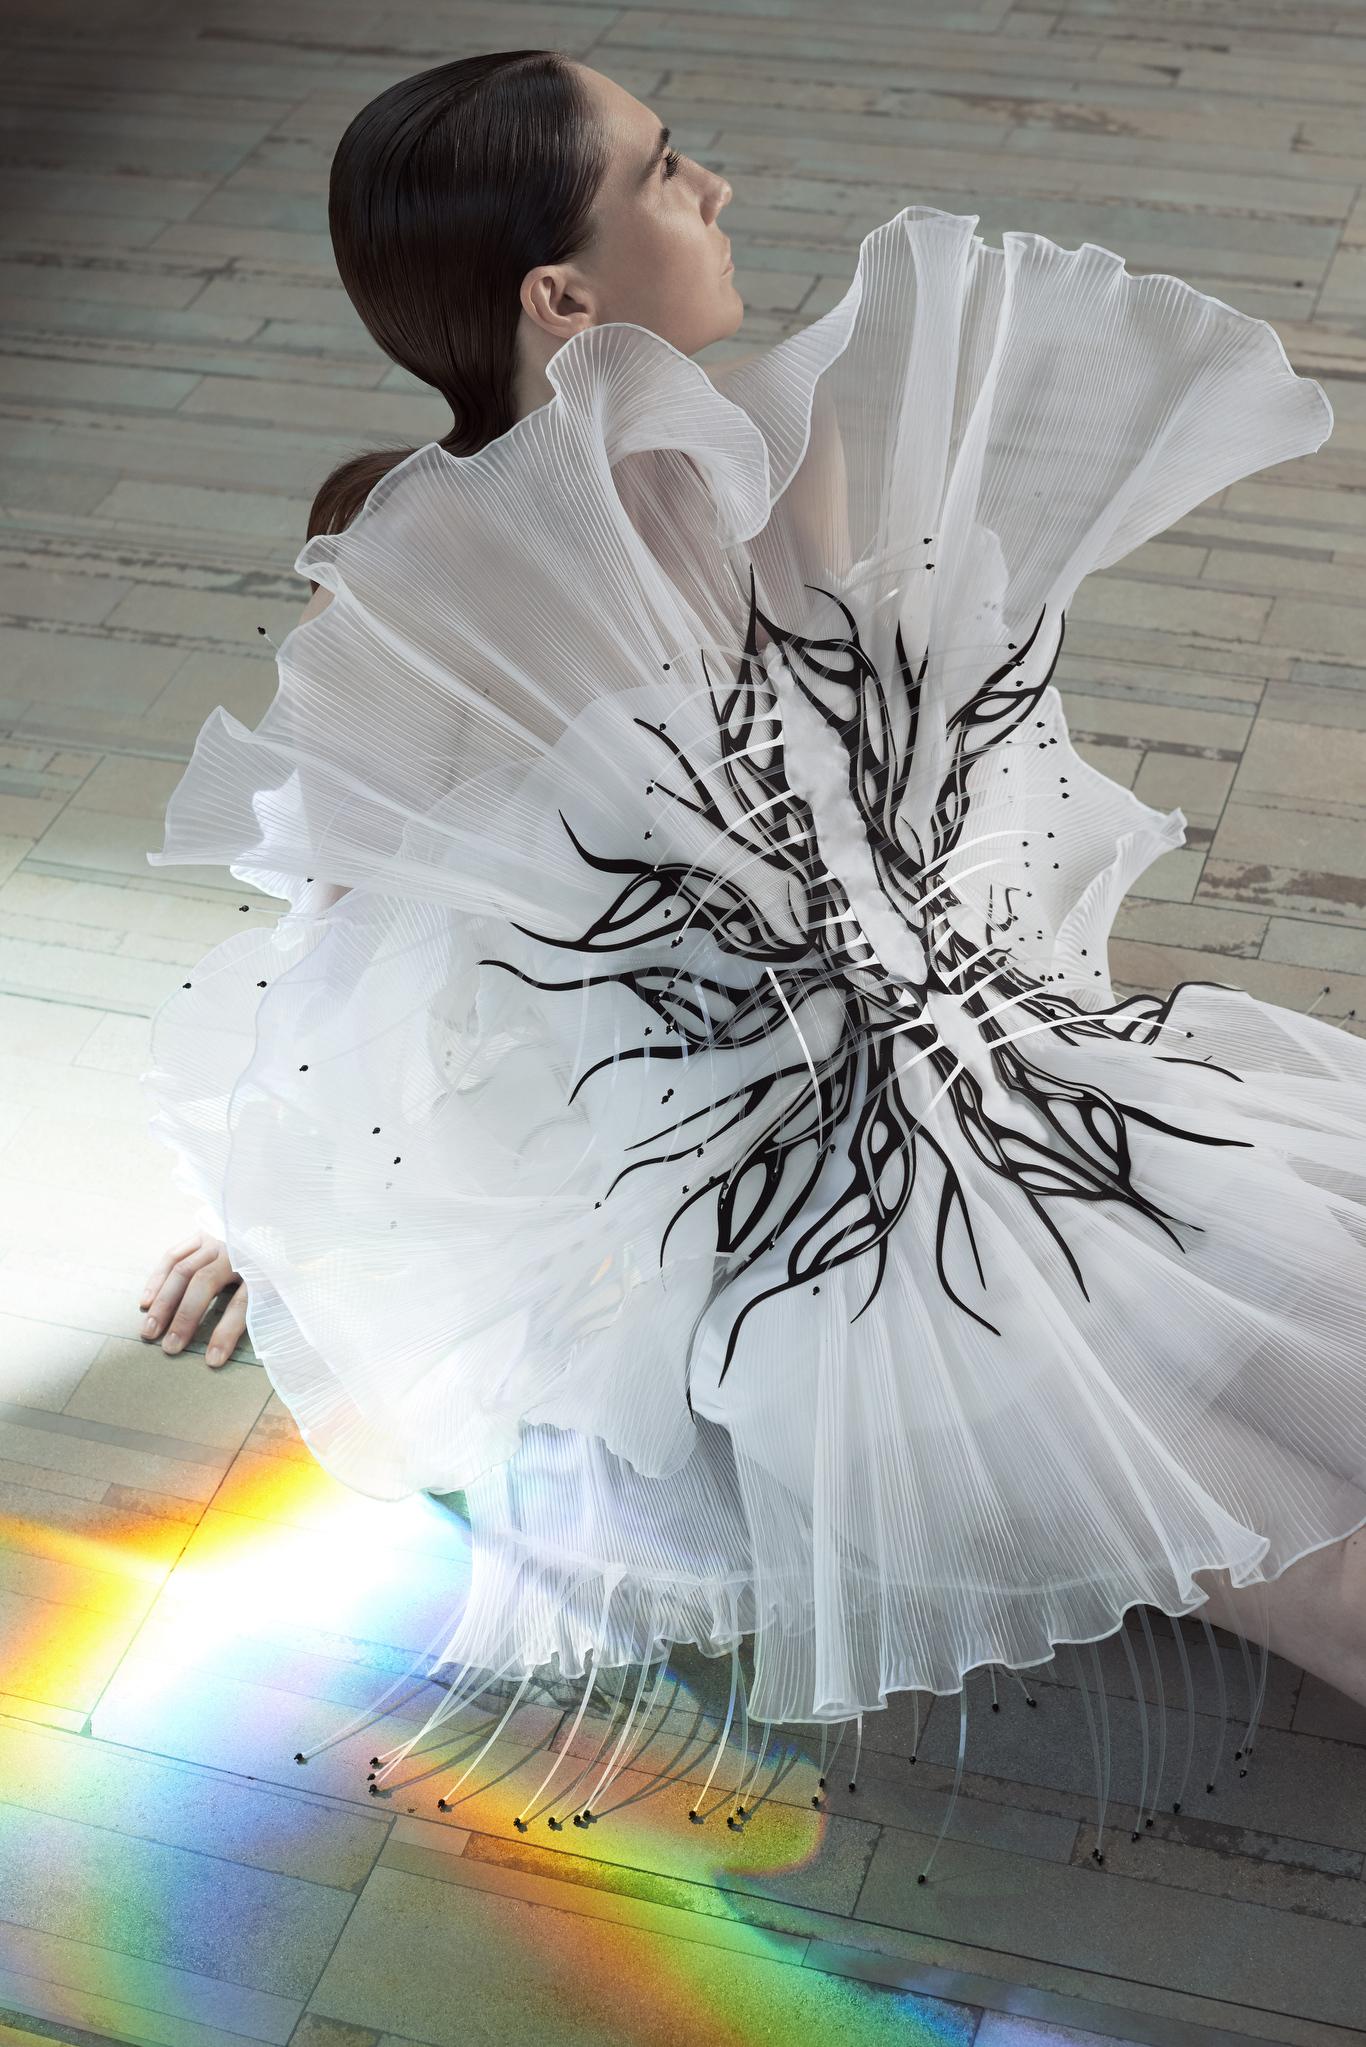 bst iris van herpen haute couture paris thu - đông 2020 3